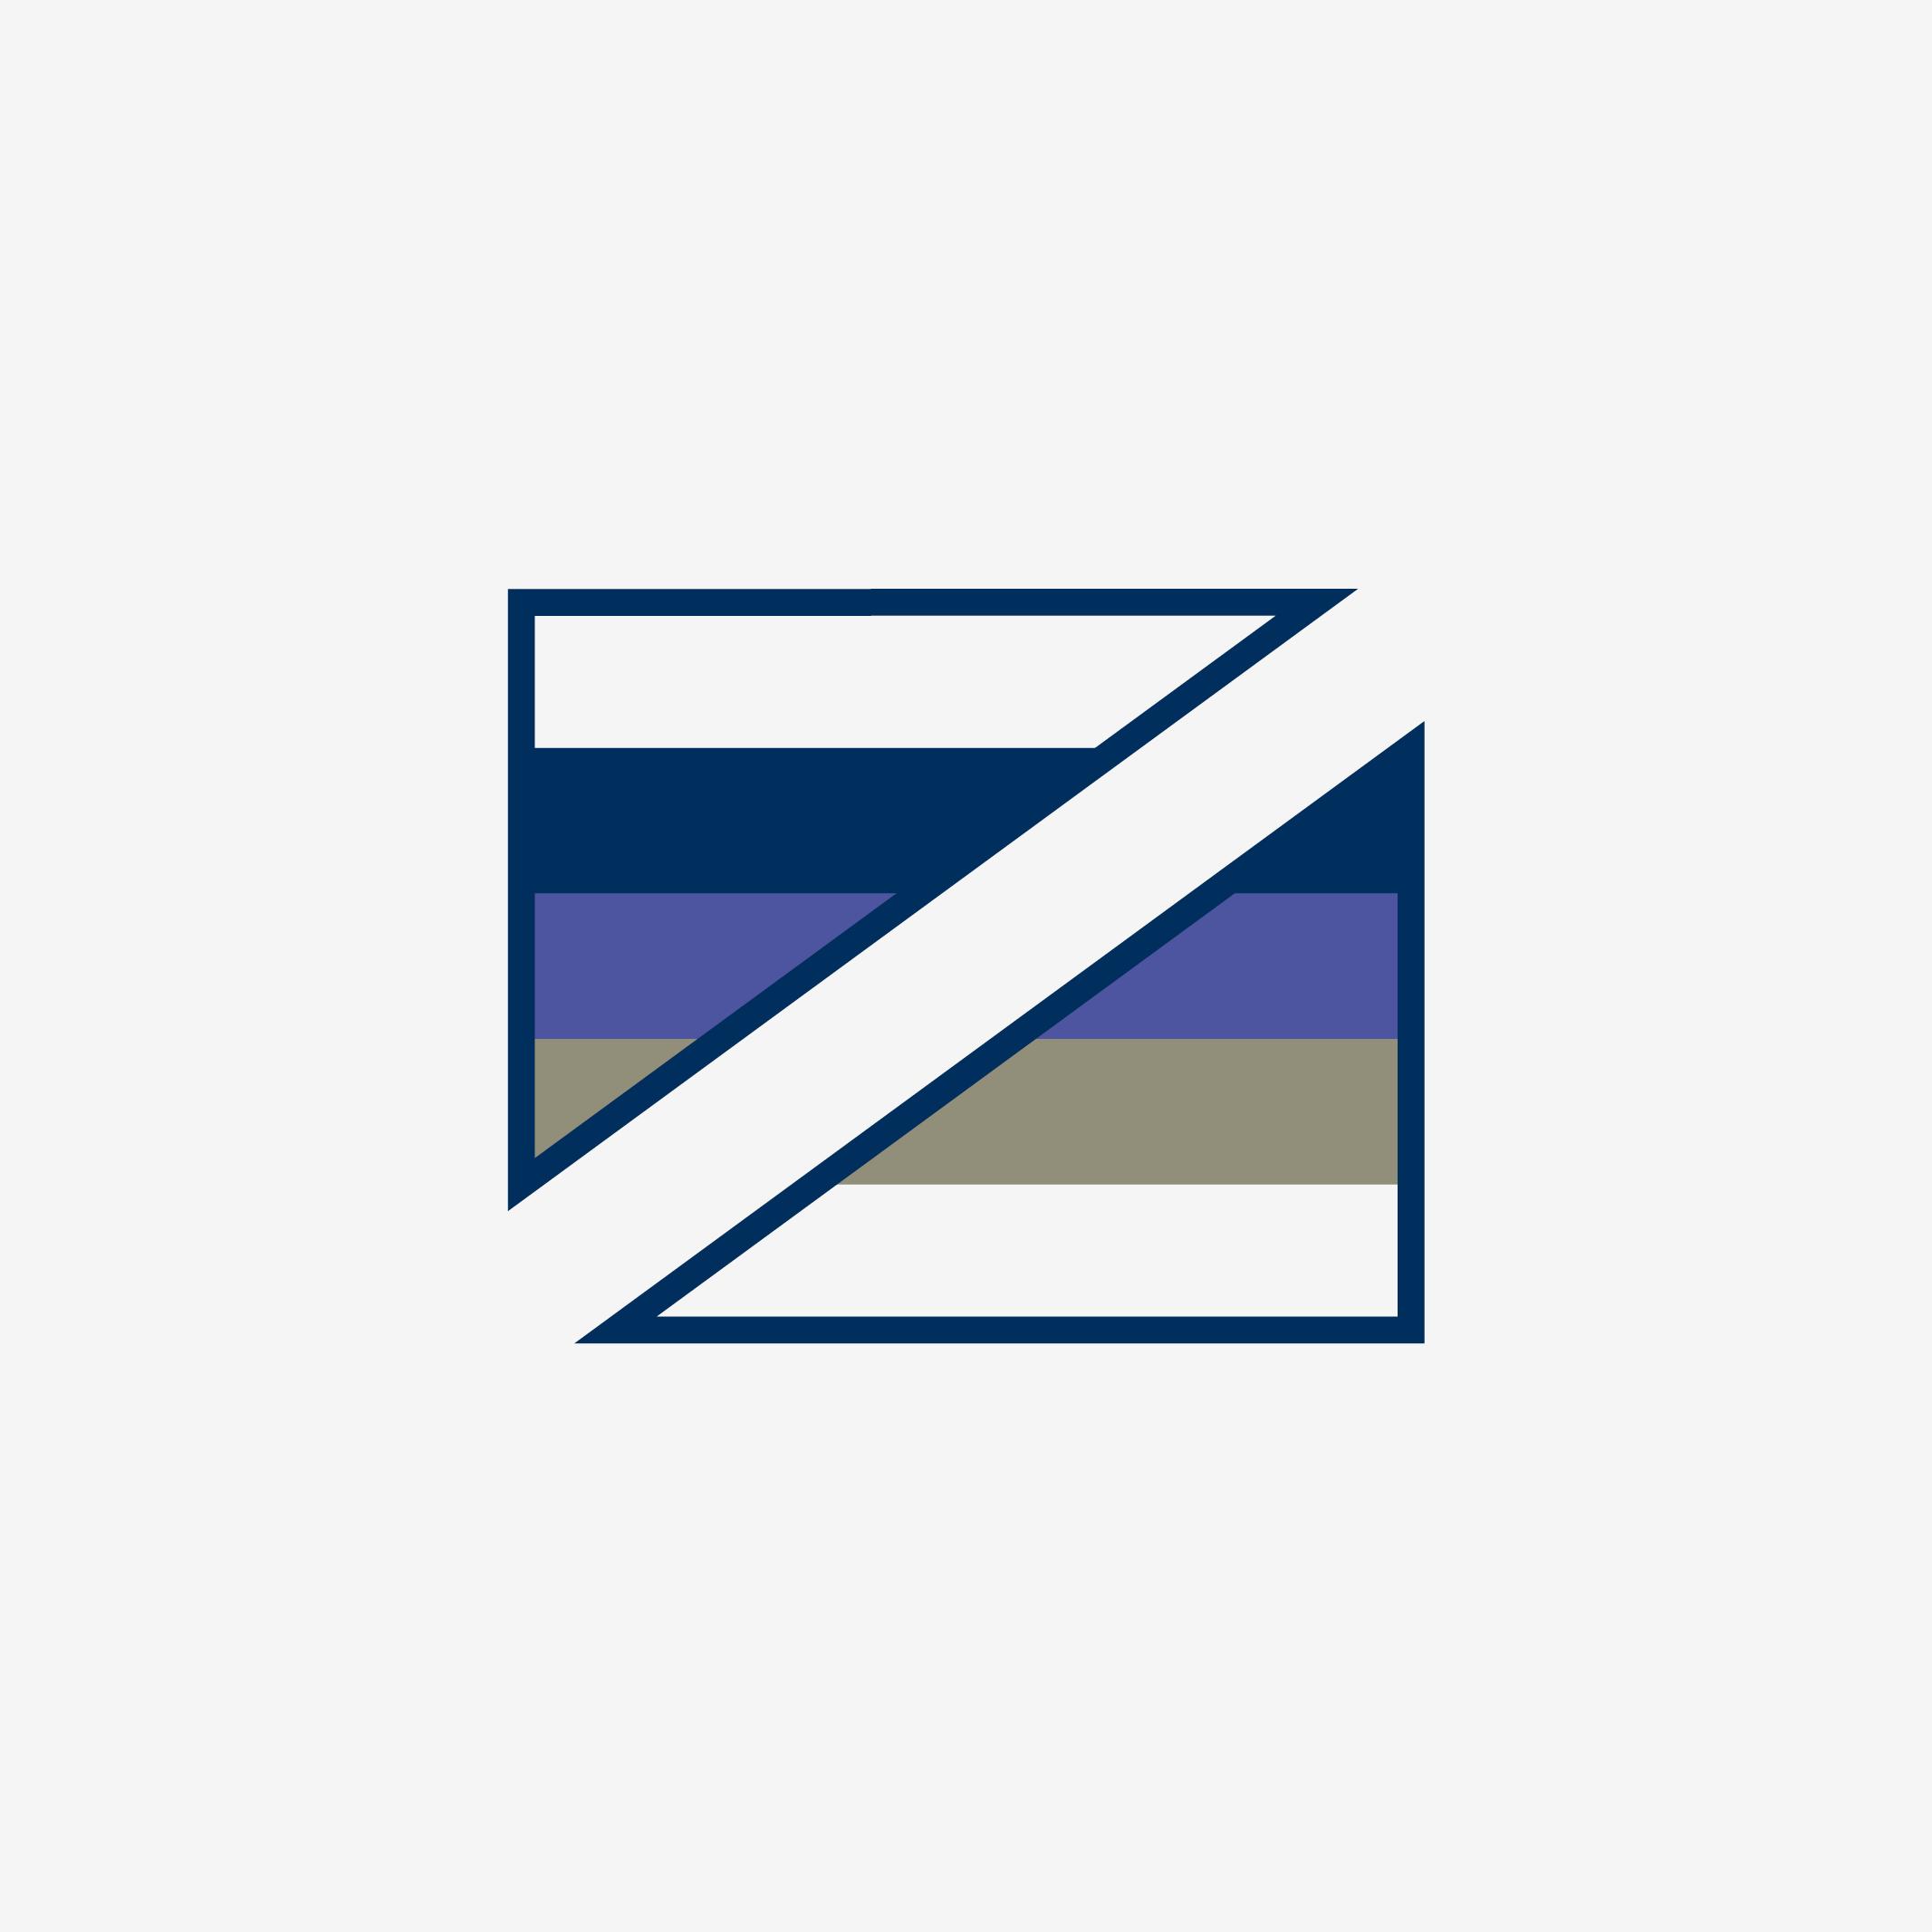 Ziberi Projekt- & Wohnbau, Basri Ziberi, Mainz + Berger Studios, Max Berger, Maximilian Berger, Werbeagentur, Design, Cinema, Web, Kunst, Grafikdesign, Videoproduktion, Webdesign, Kunstverkauf, Digitale & Analoge Werbung aus einer Hand